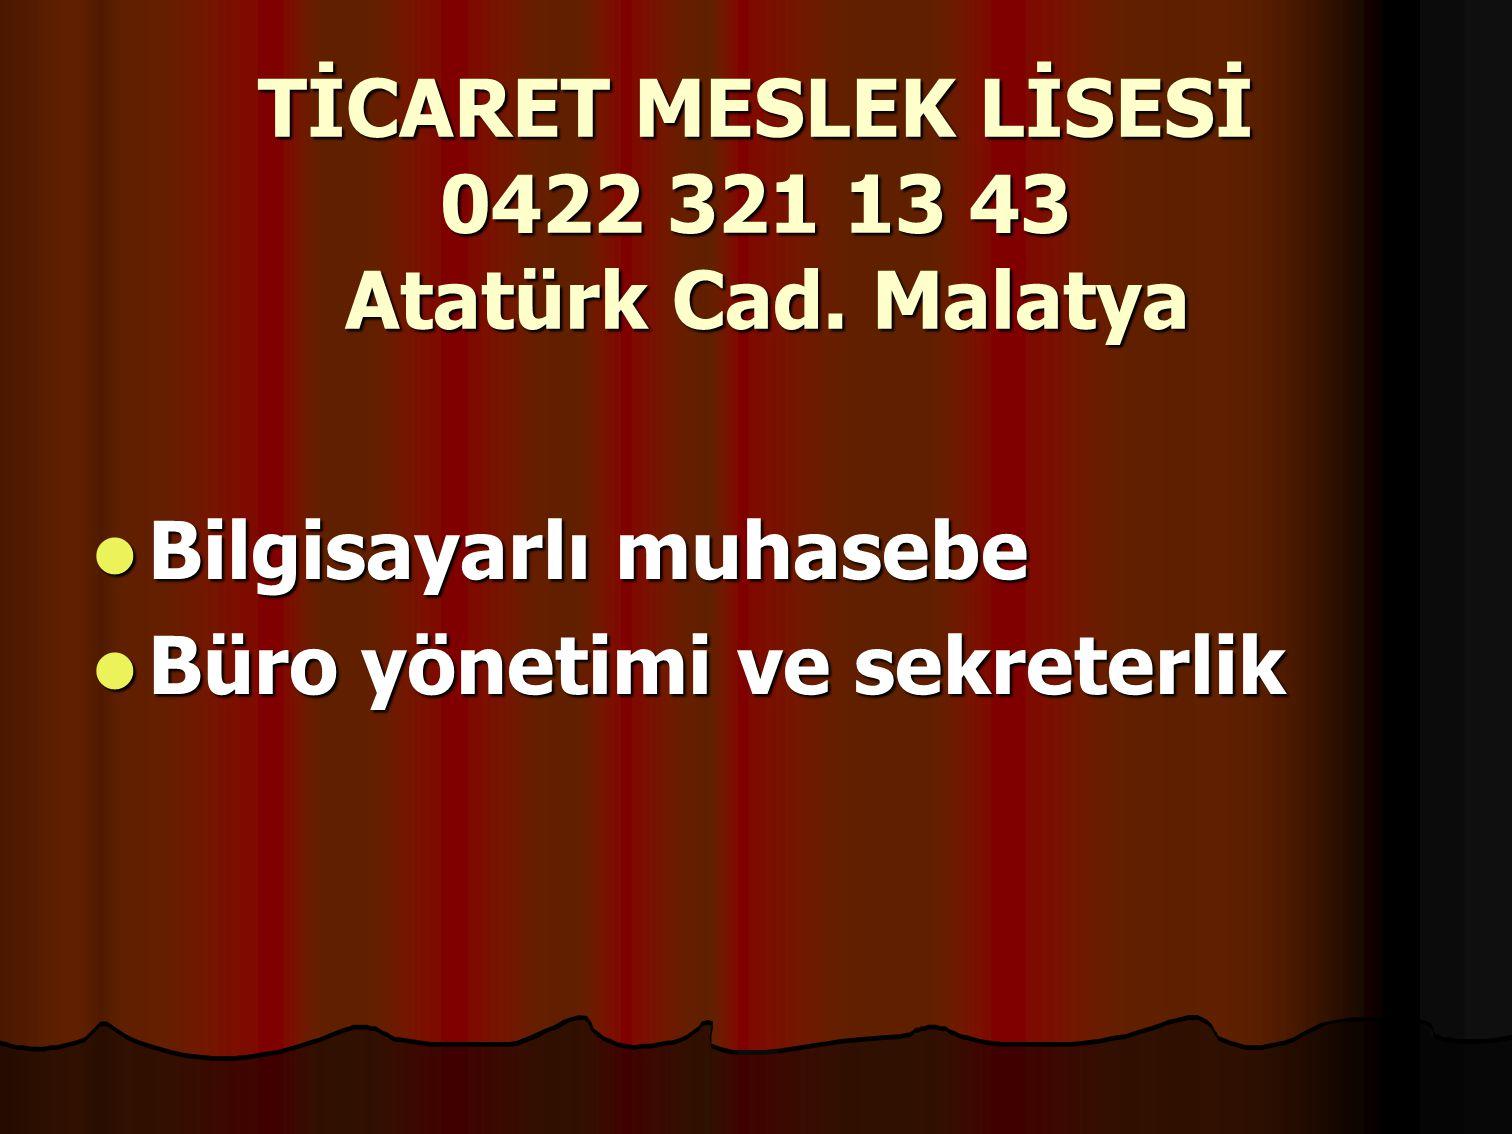 TİCARET MESLEK LİSESİ 0422 321 13 43 Atatürk Cad. Malatya